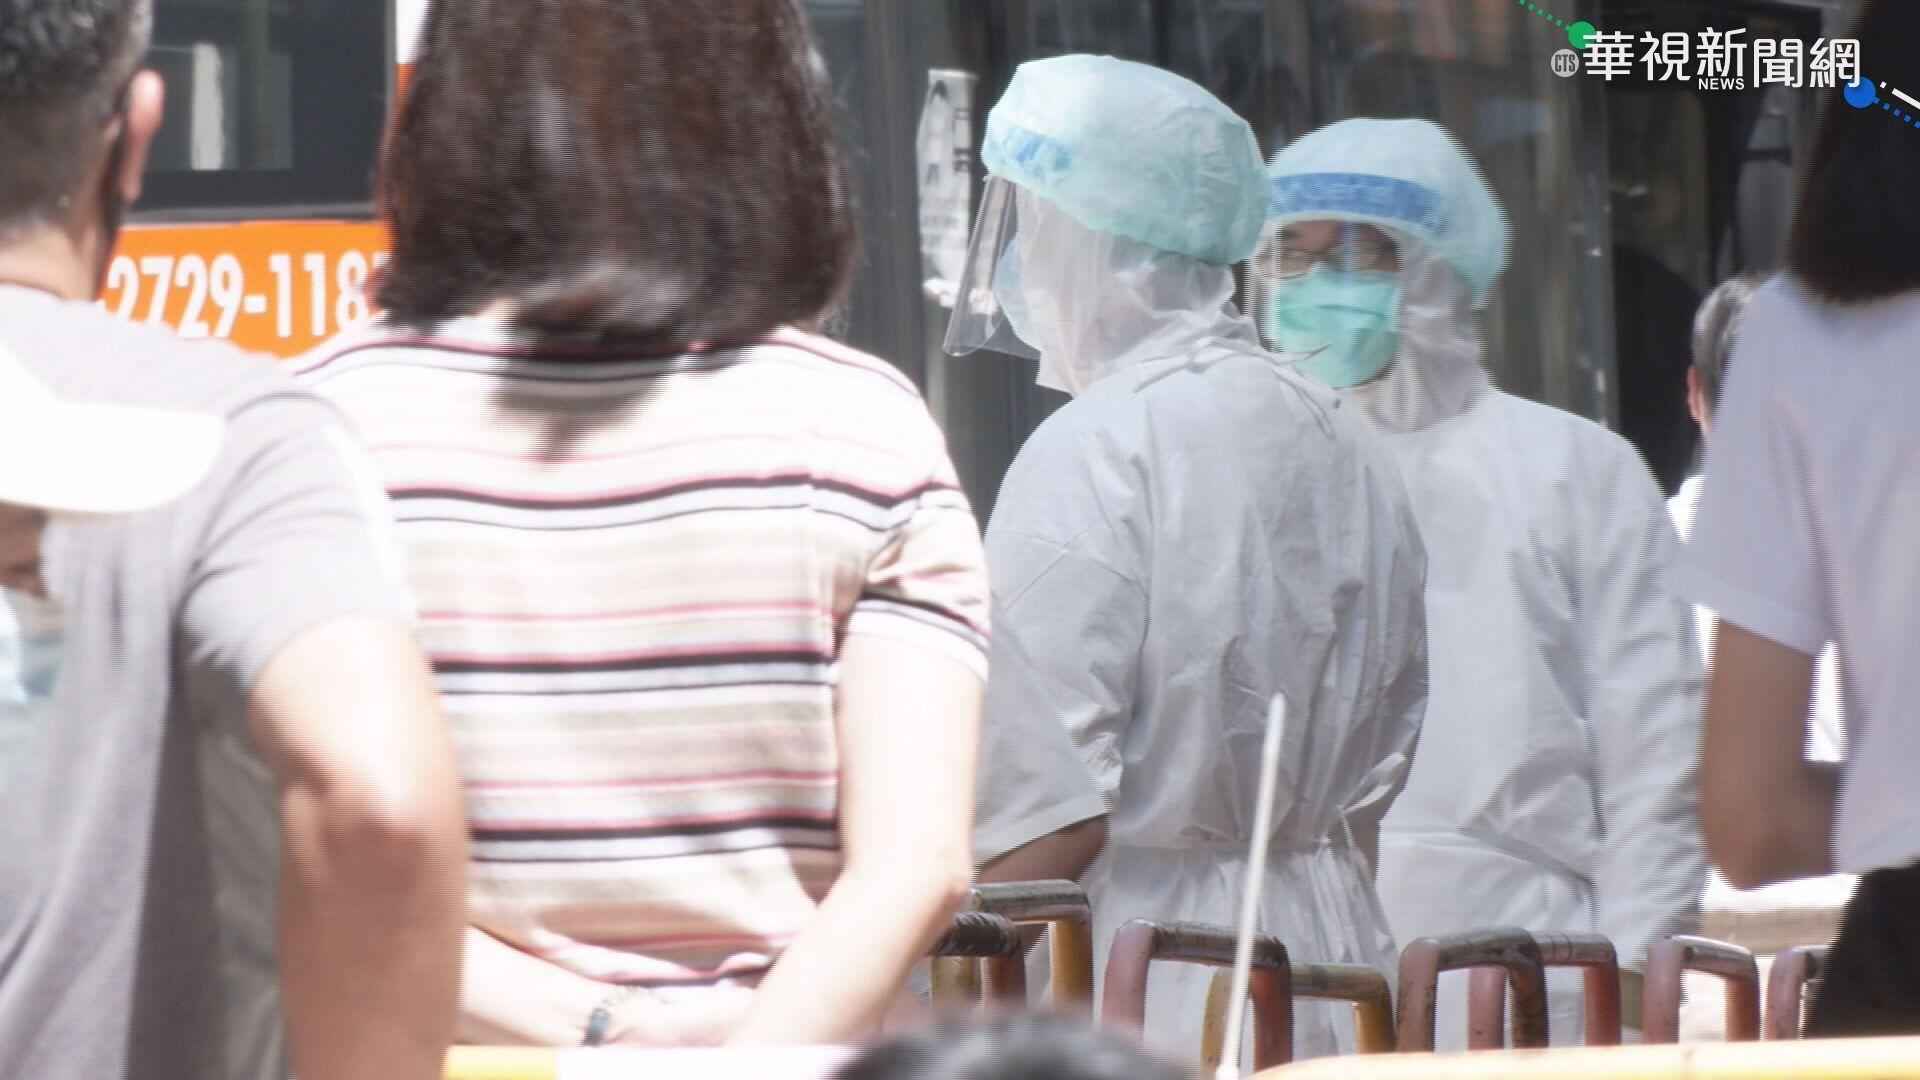 松山區某國中採檢 60人陰性其餘檢驗中